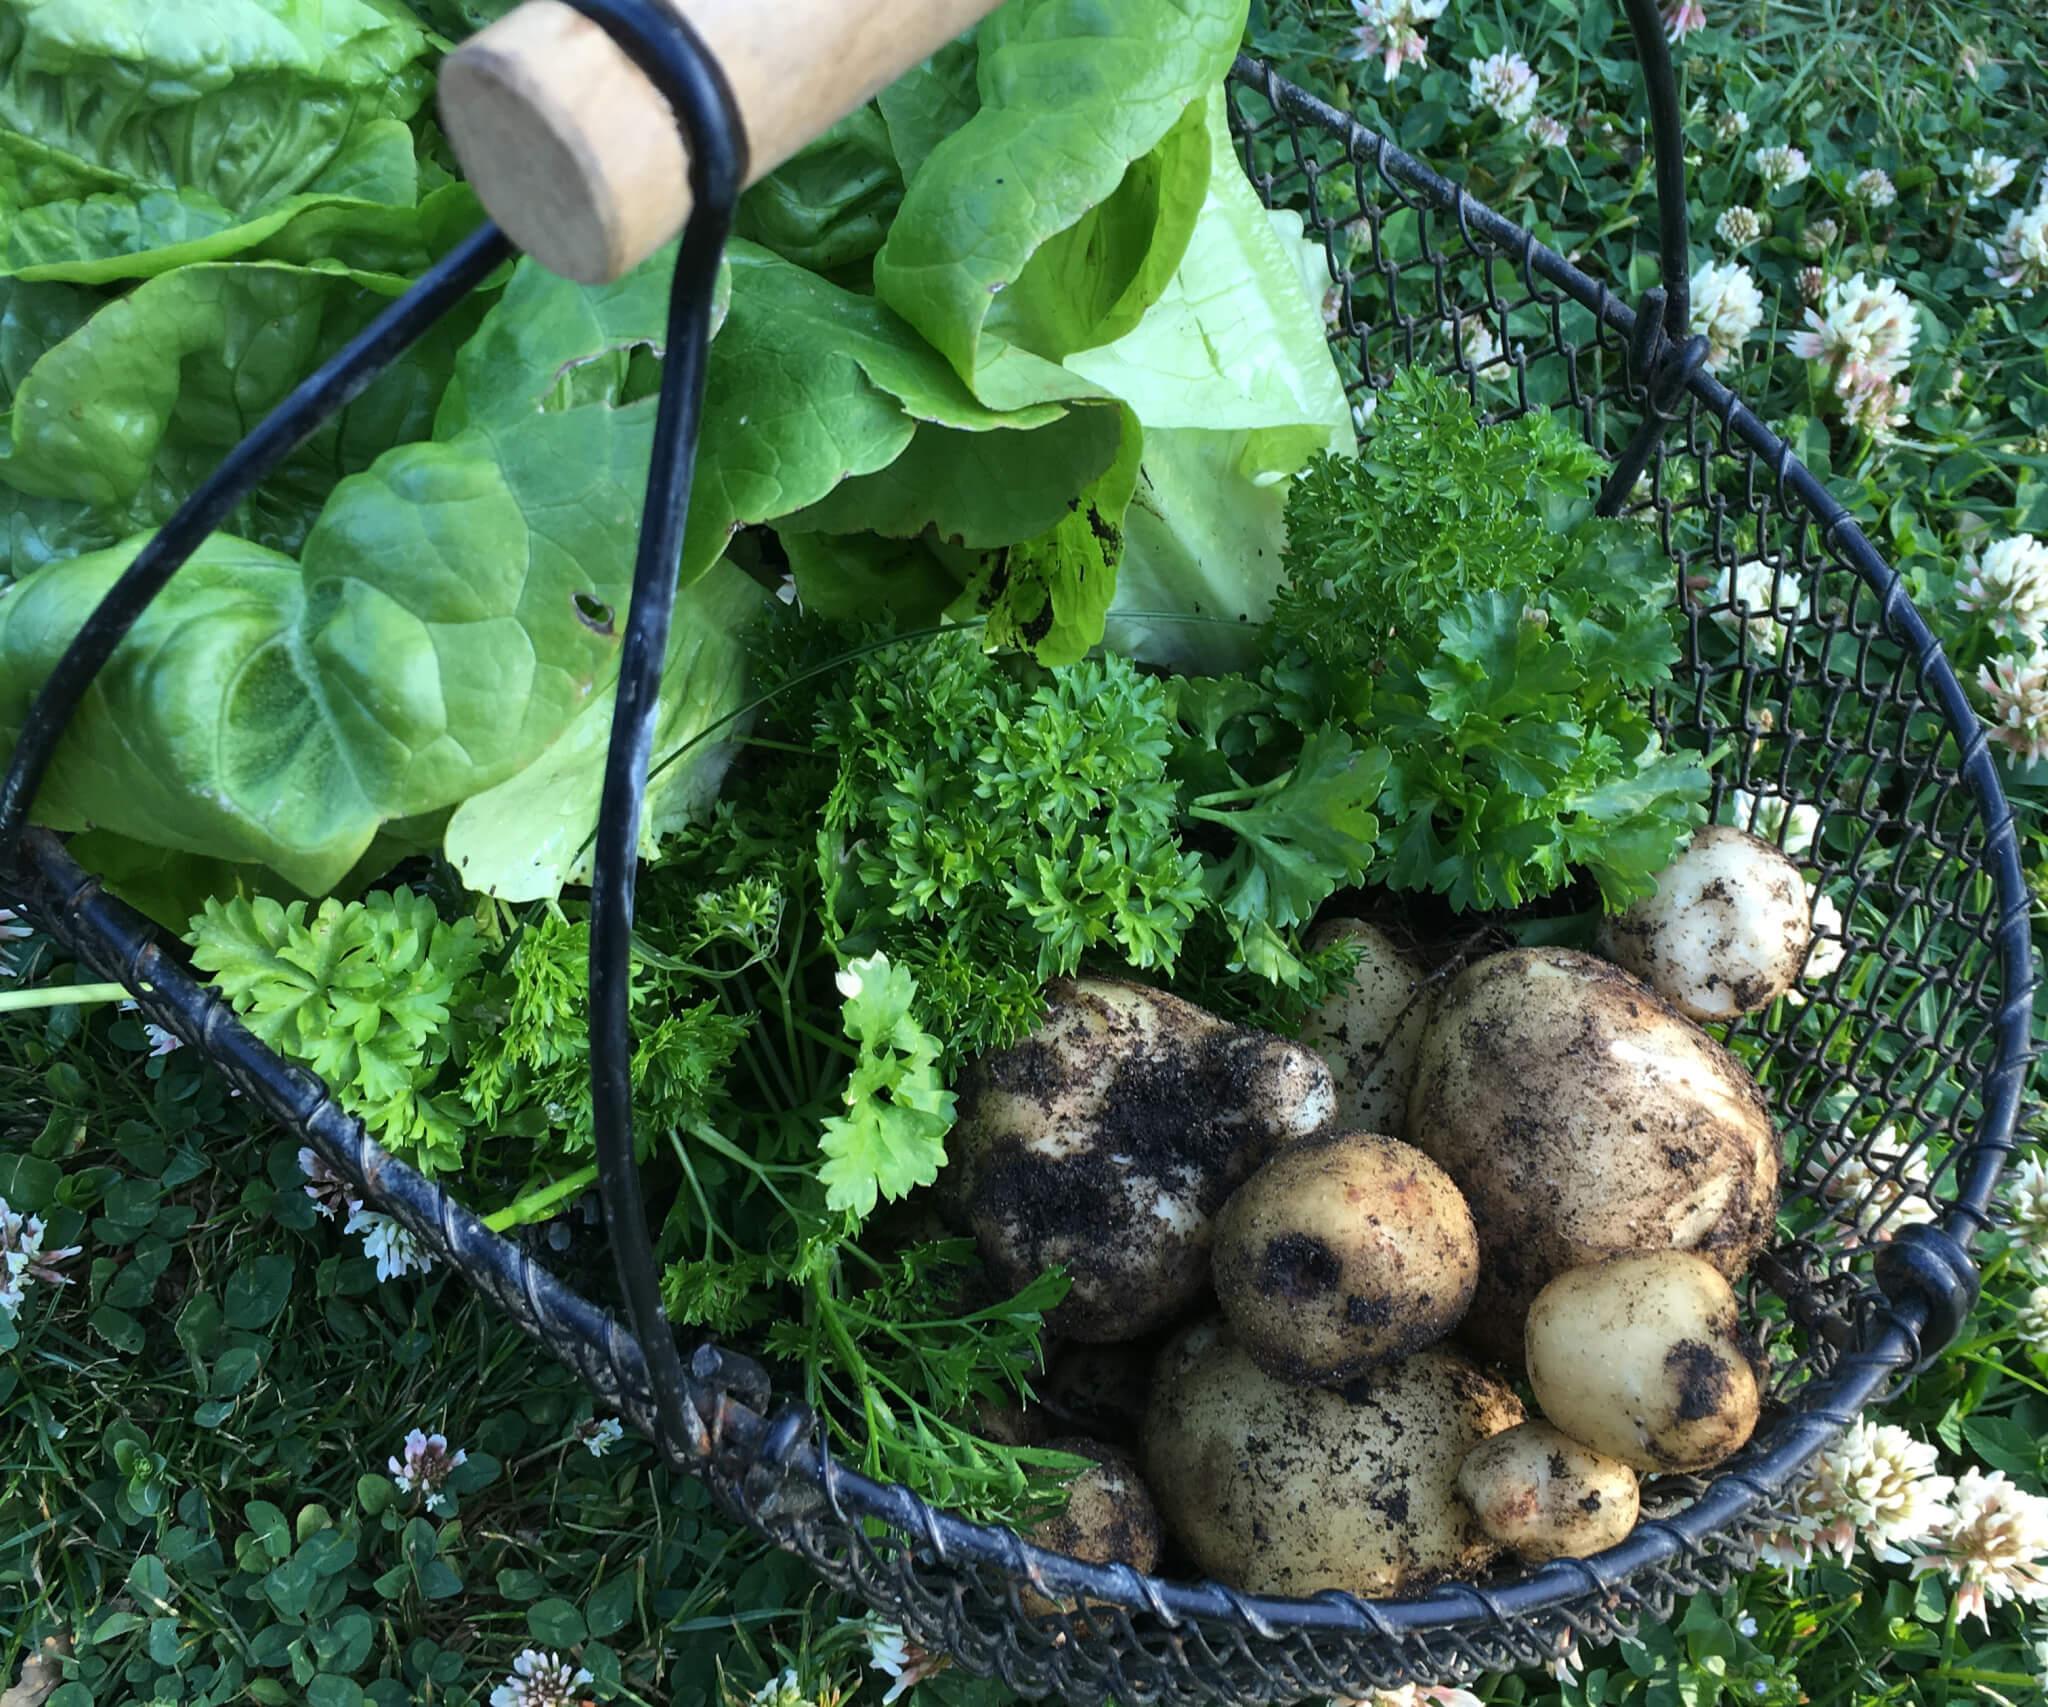 de første kartofler høstet i haven